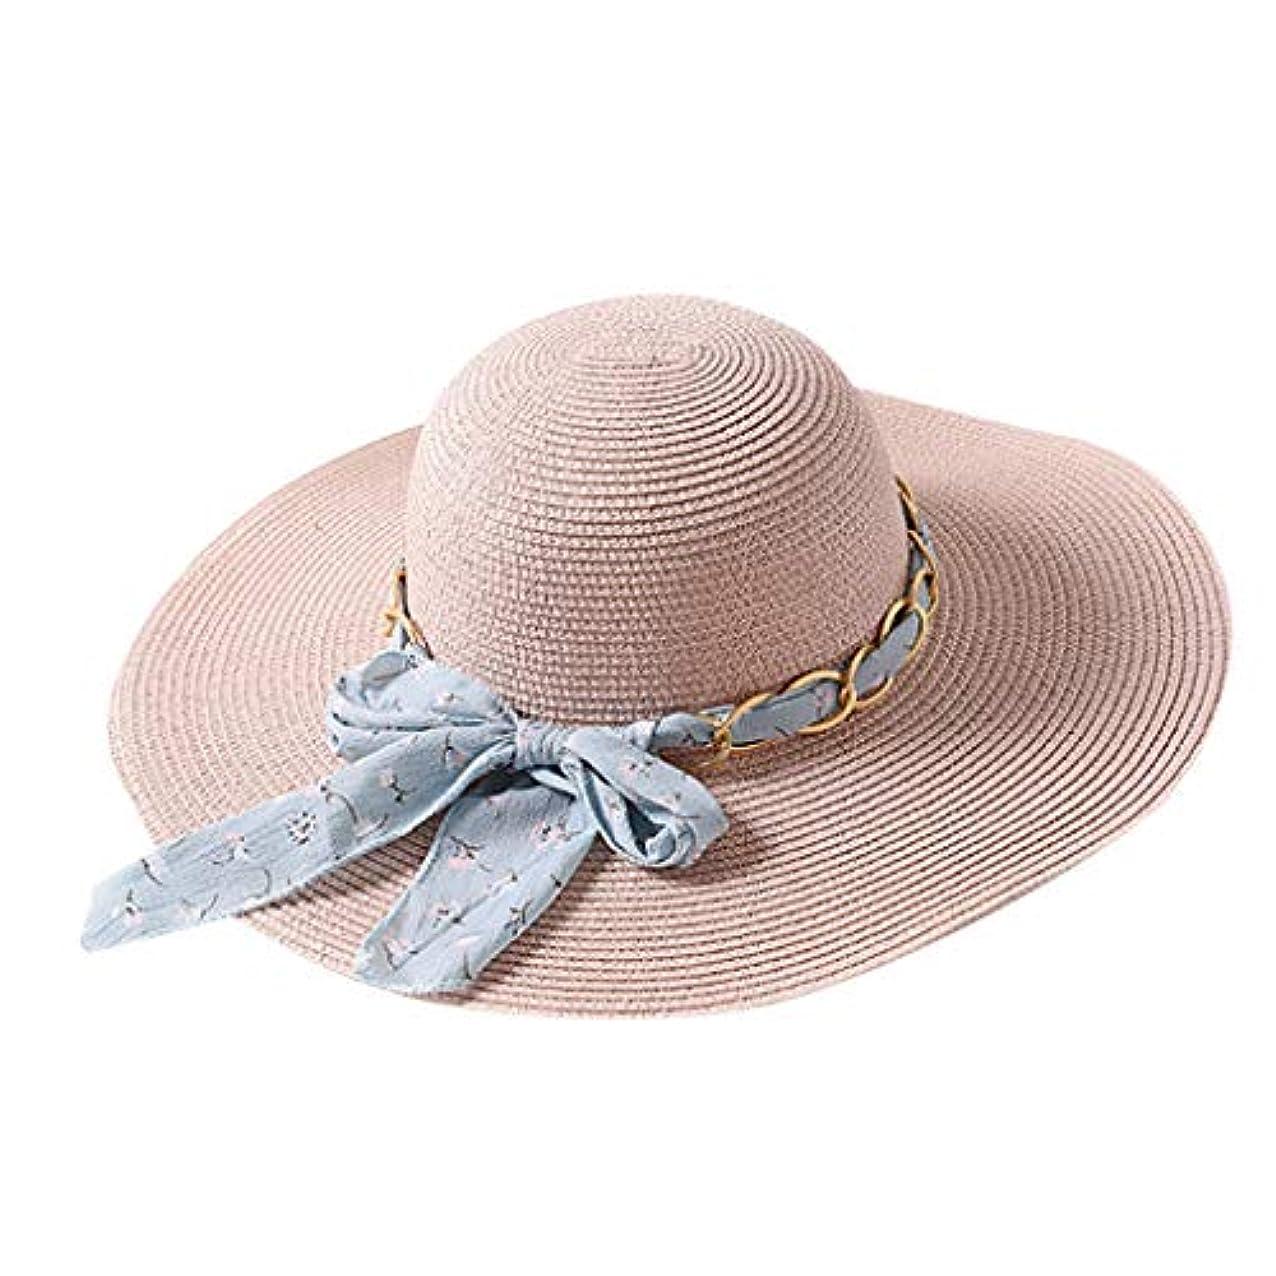 留まる頑張るあいまいなファッション小物 夏 帽子 レディース UVカット 帽子 ハット レディース 紫外線対策 日焼け防止 取り外すあご紐 つば広 おしゃれ 可愛い 夏季 折りたたみ サイズ調節可 旅行 女優帽 小顔効果抜群 ROSE ROMAN